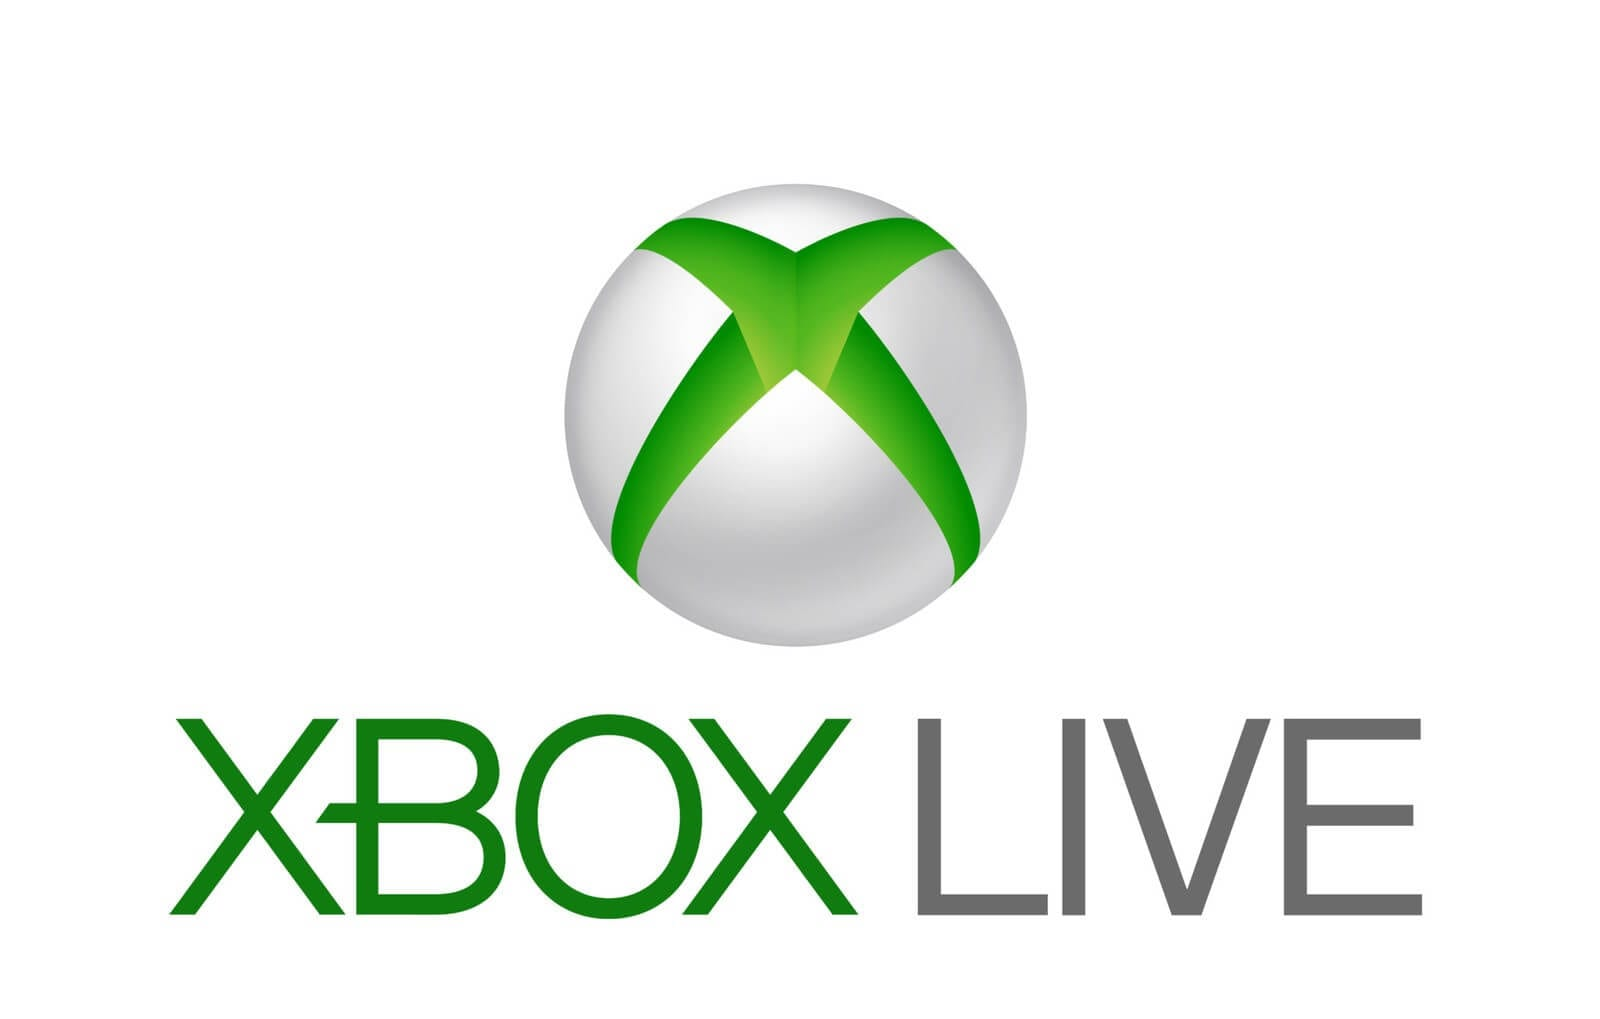 Xbox live picture